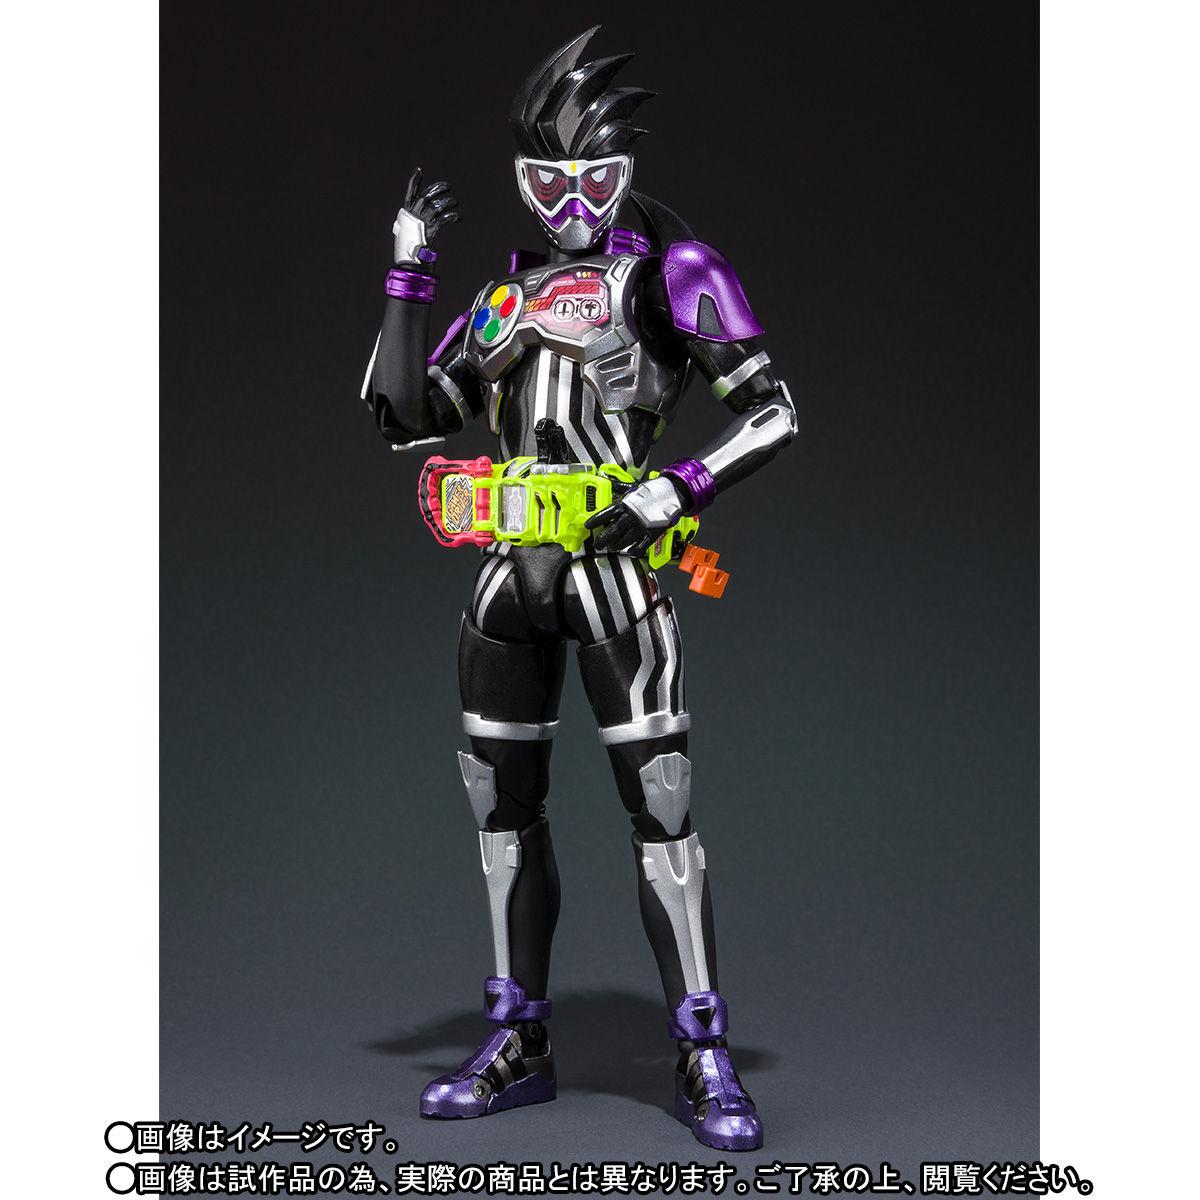 S.H.Figuarts 仮面ライダーゲンム アクションゲーマー レベル0-003